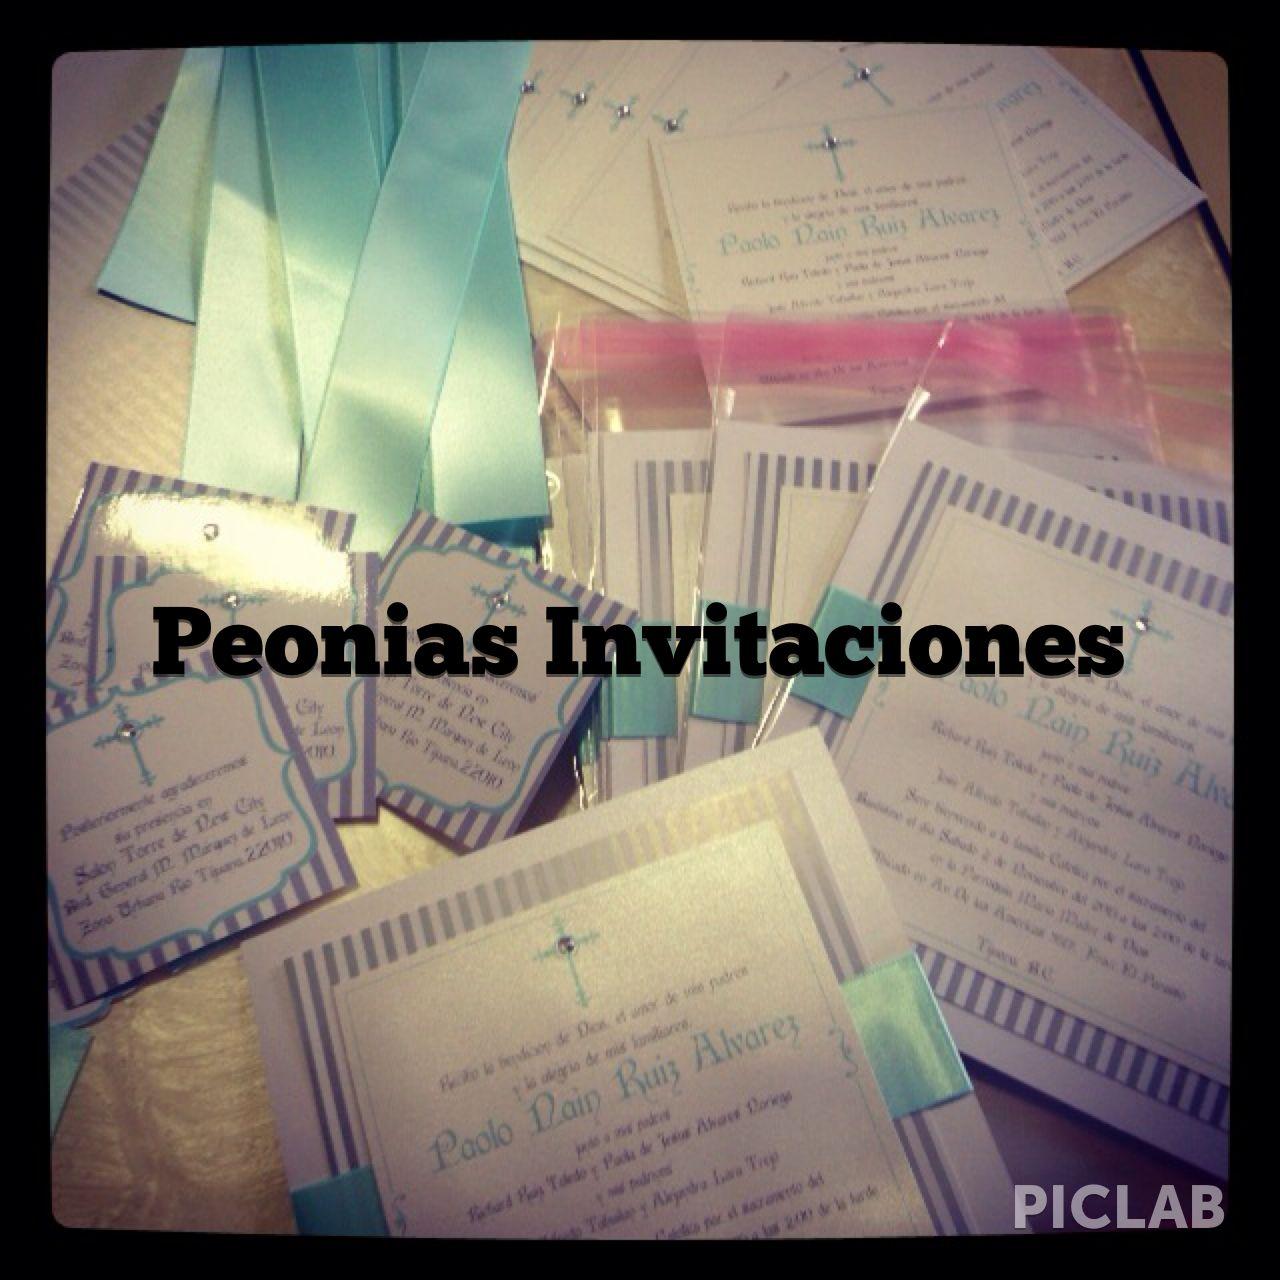 #PeoniasInvitaciones